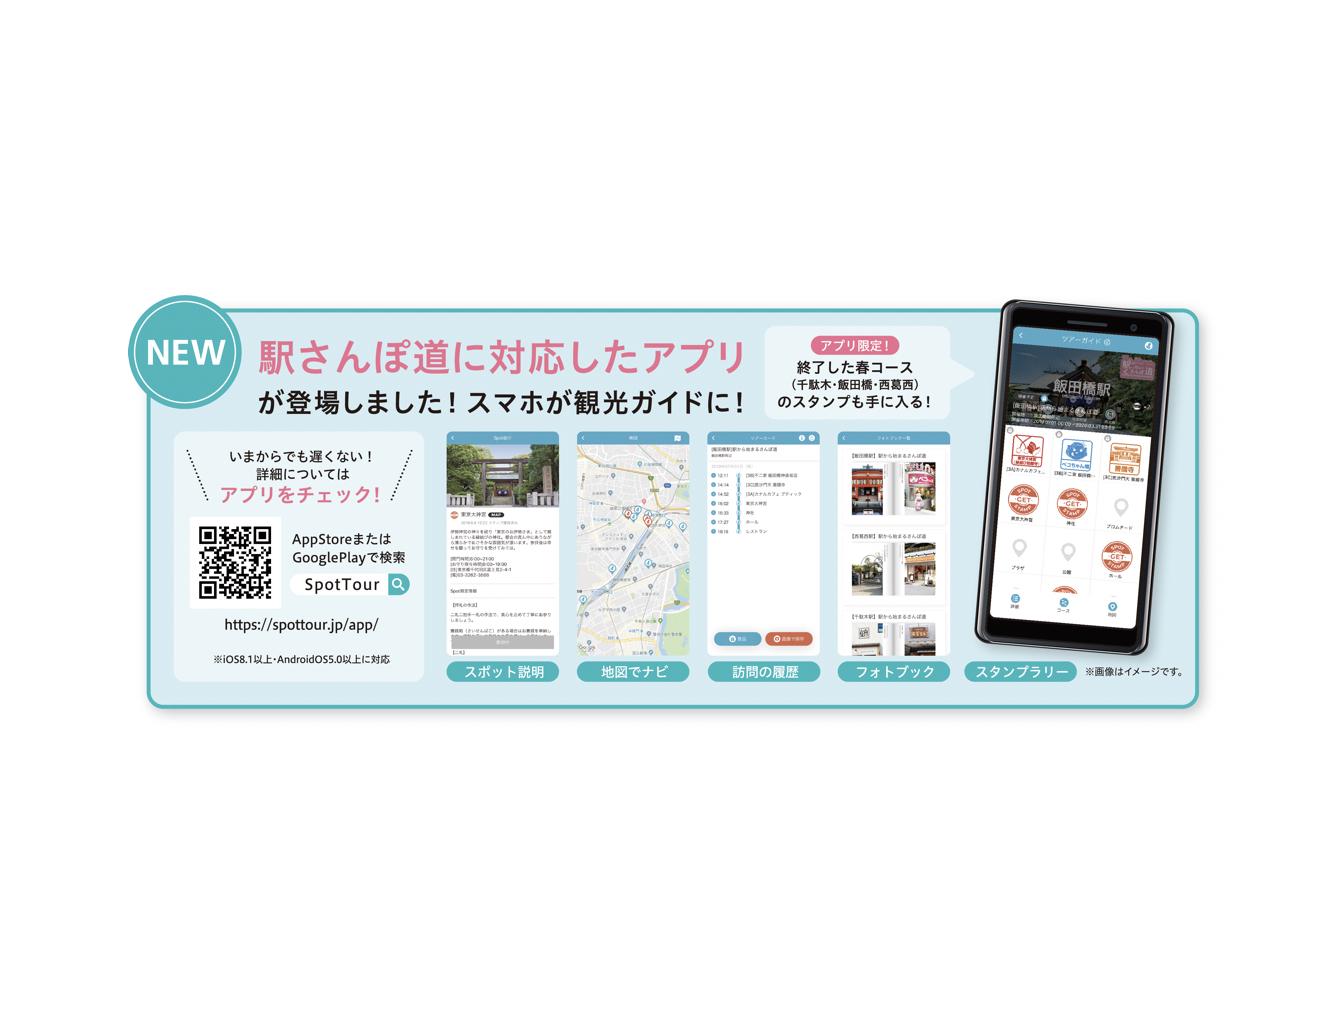 東京メトロ×スポットツアー | デジタル観光ツアーアプリ「SpotTour」の実証実験開始